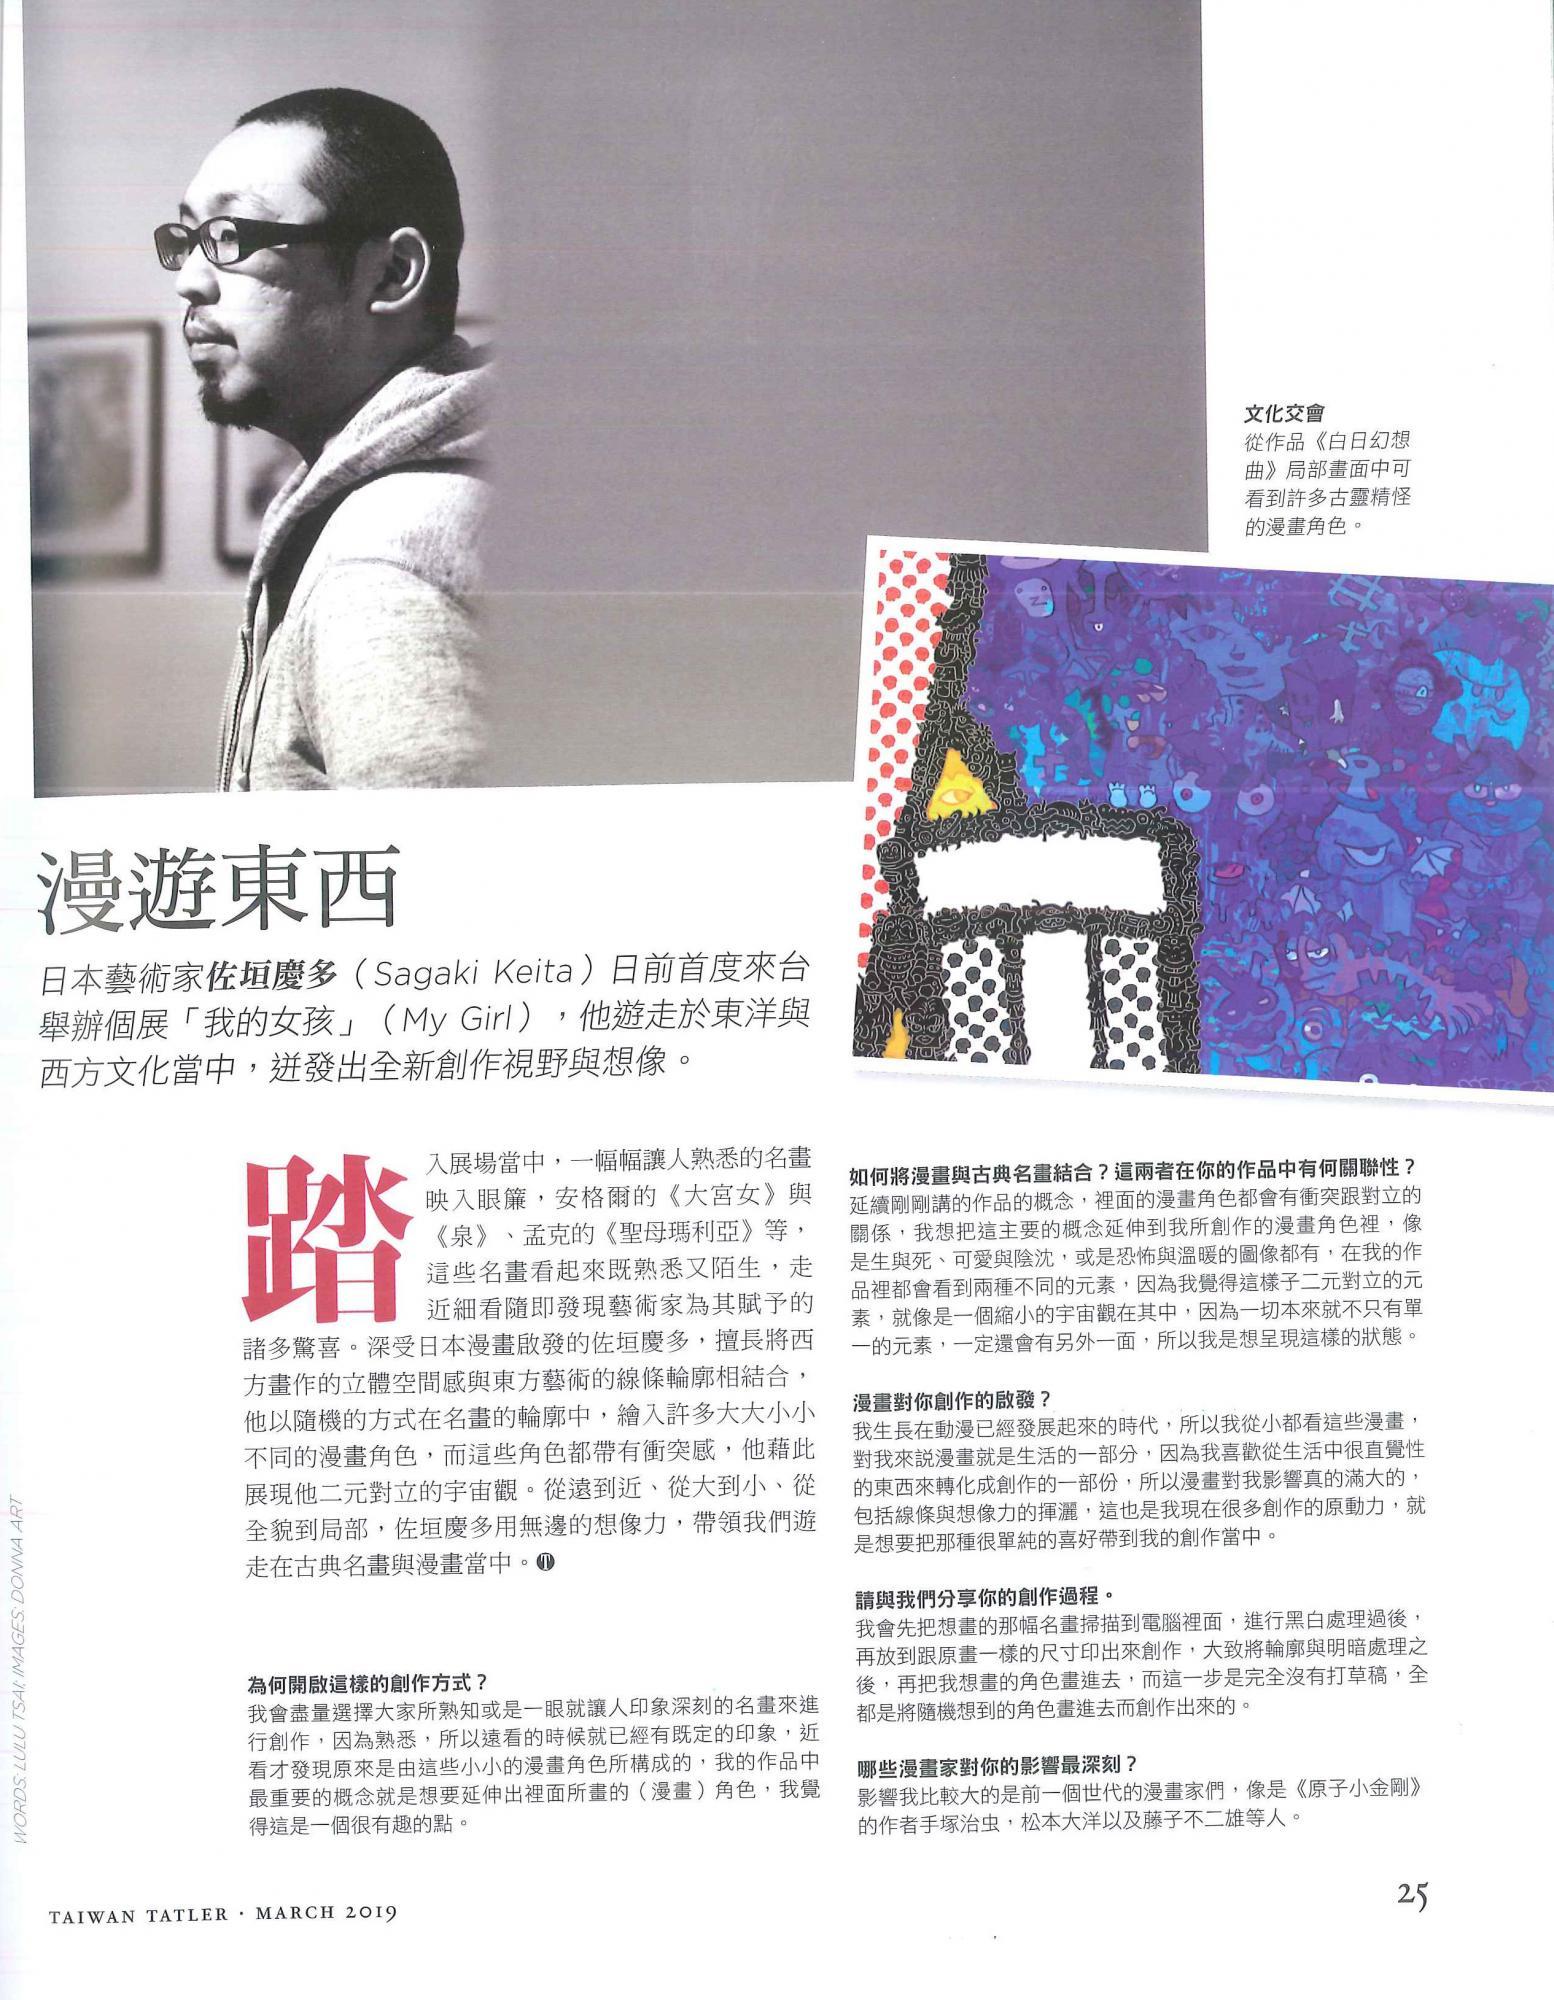 Taiwan Tatler_2019 MAR.jpg